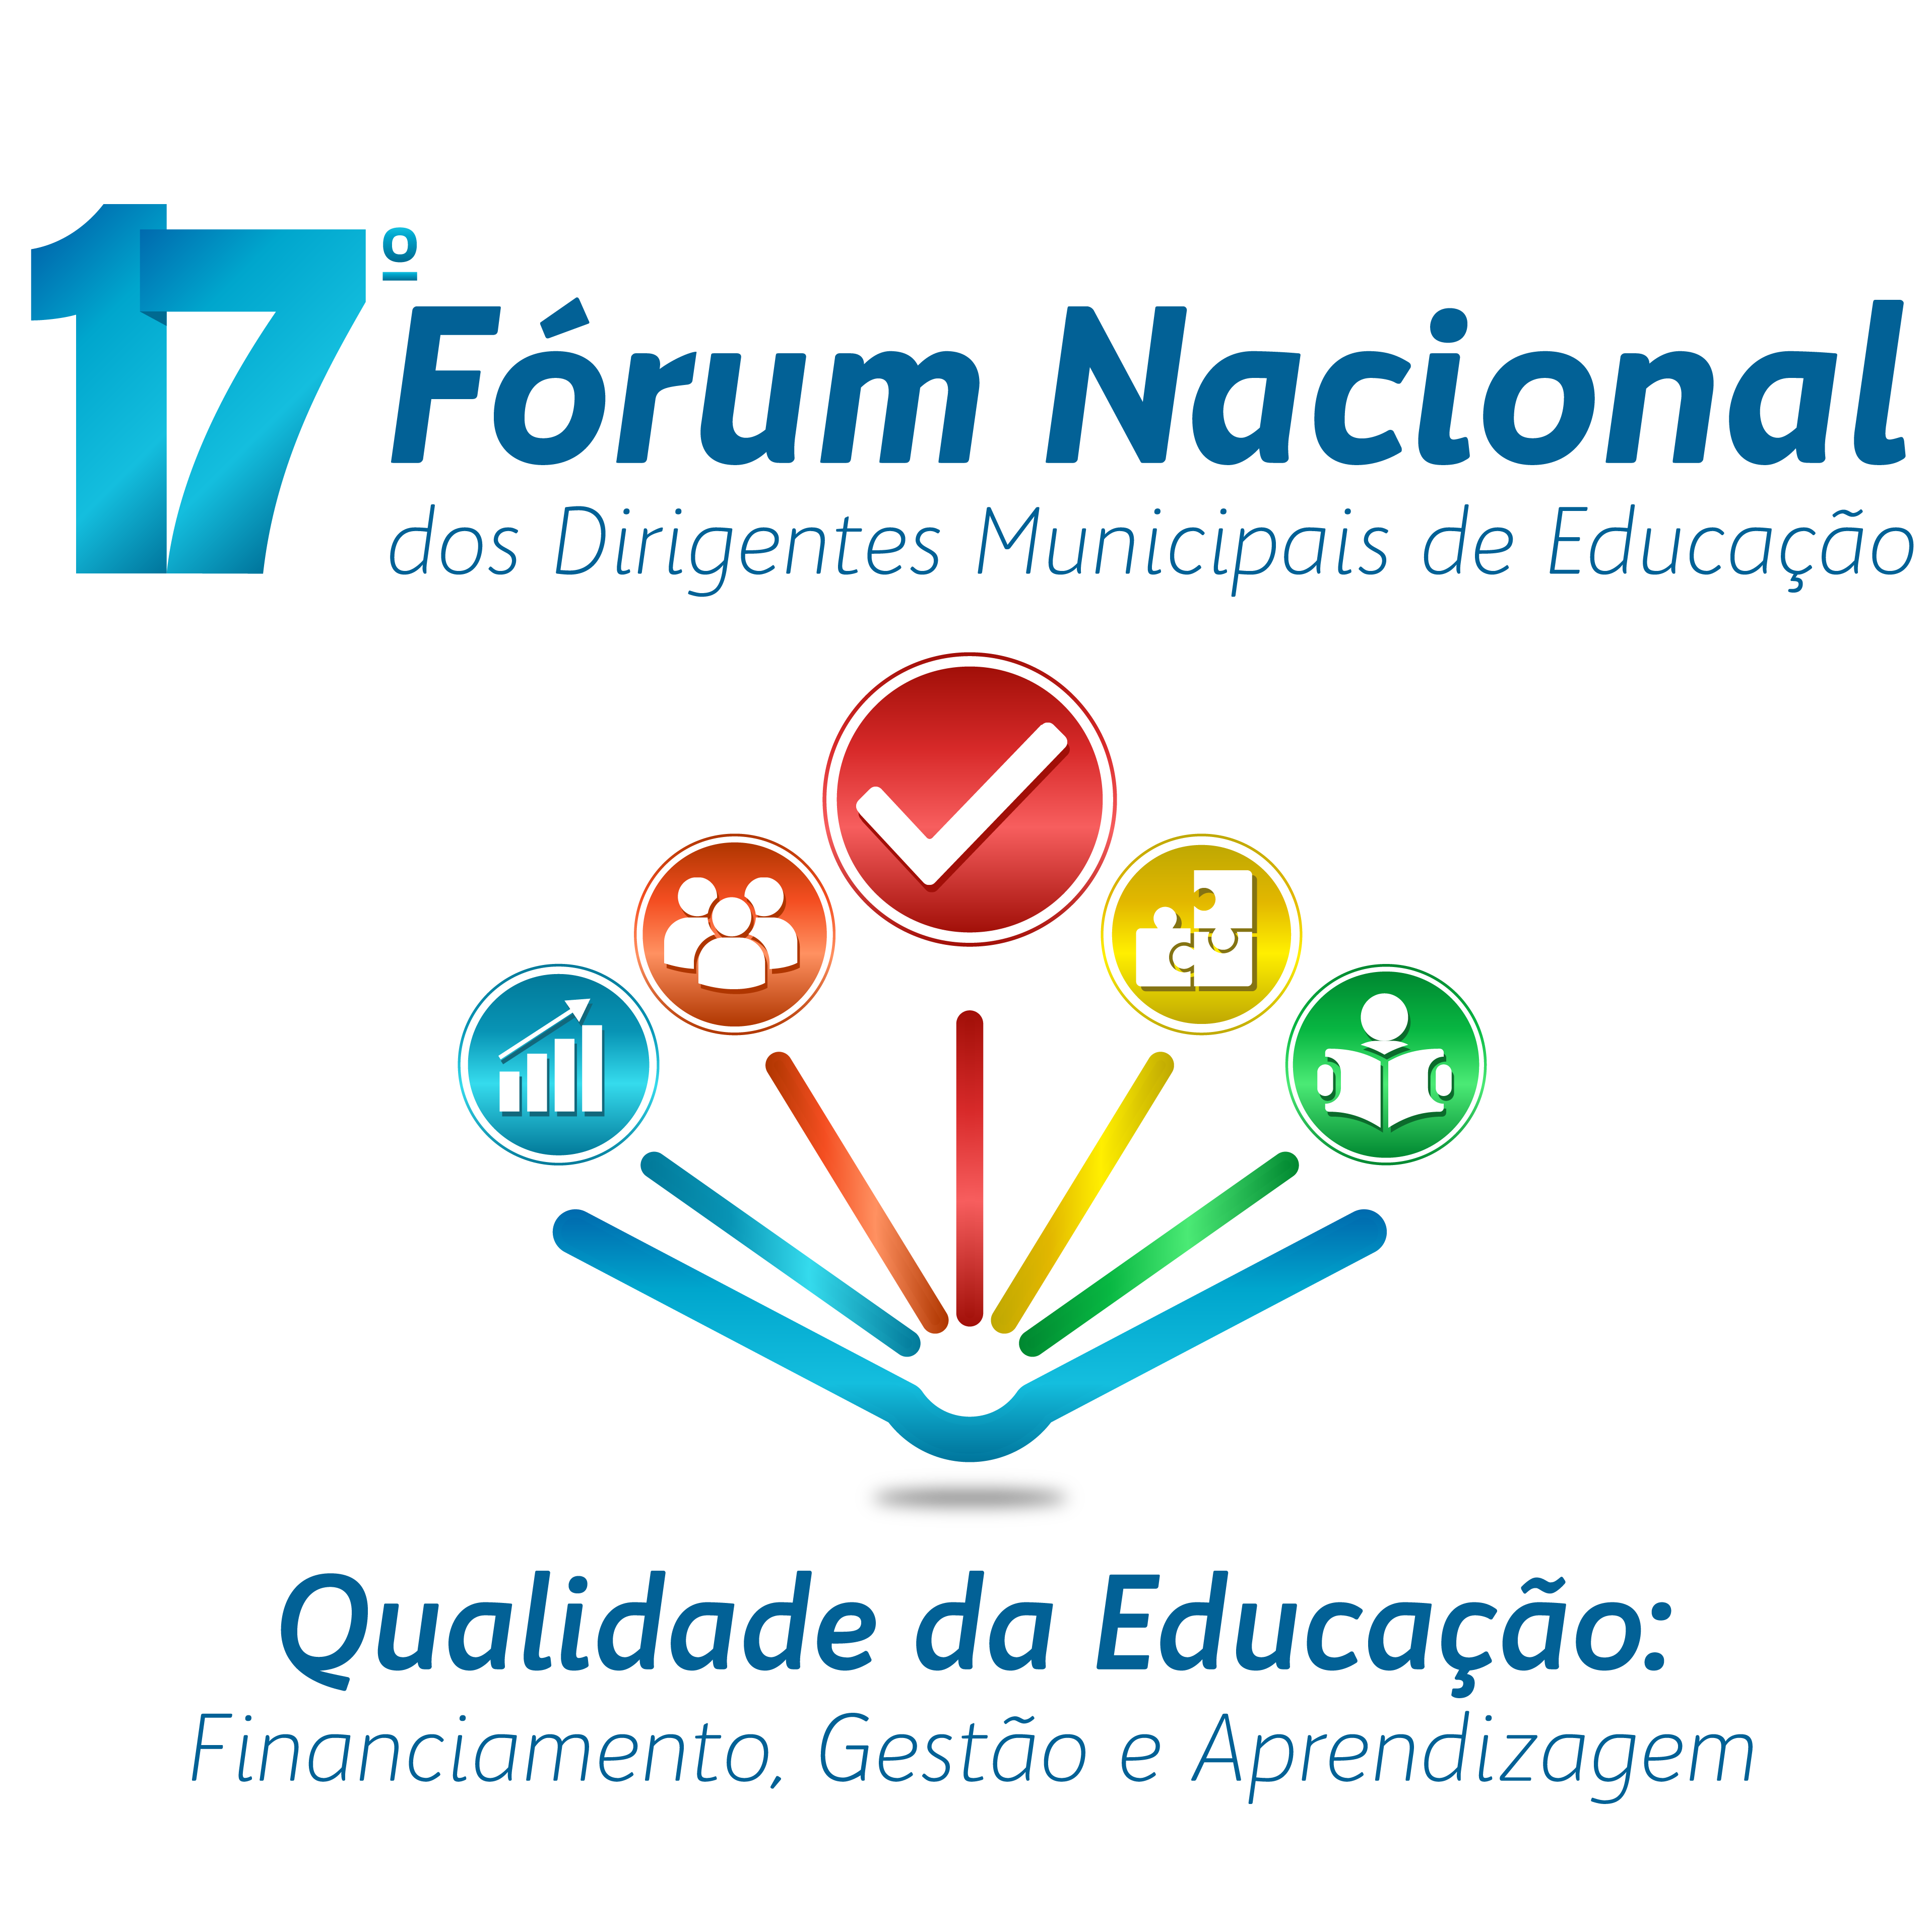 Qualidade da educação é tema em fórum nacional, na Bahia